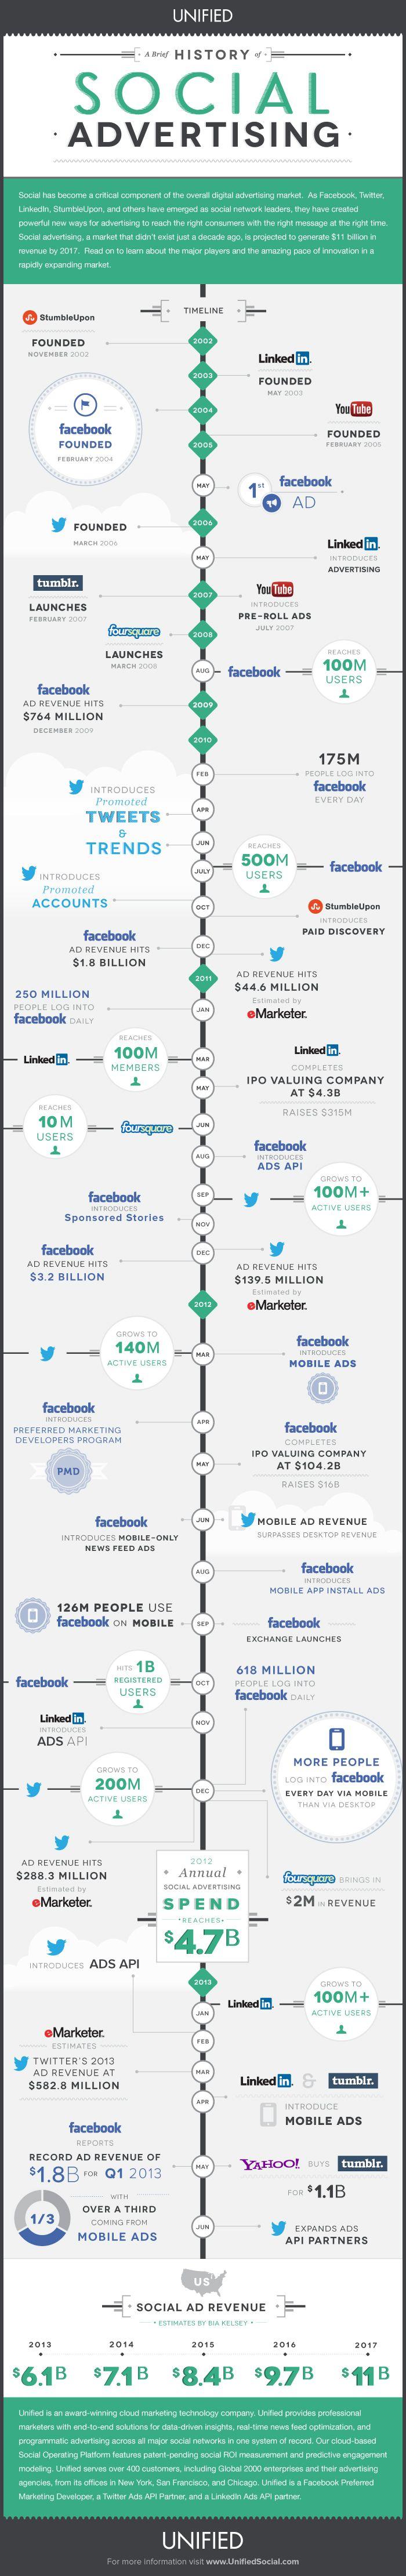 sosyal-medyanin-gecmisi Sosyal Medyanın Geçmişi [Infografik] Sosyal Medyanın Geçmişi Infografik sosyal medyanin gecmisi